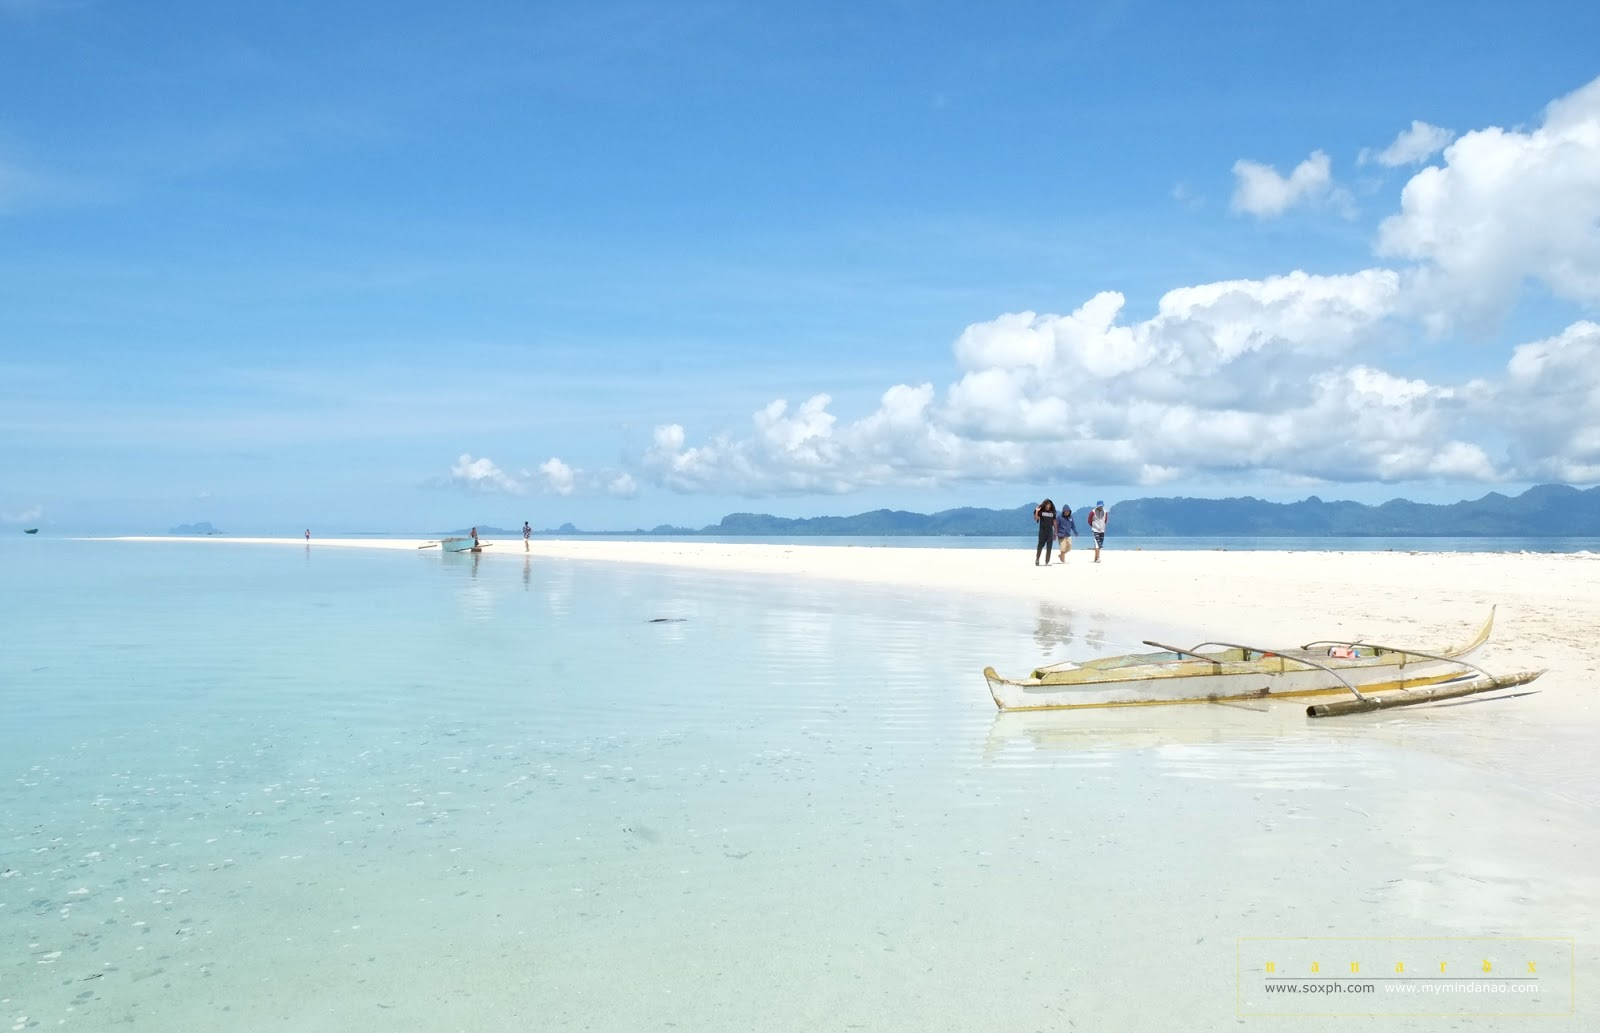 Panampangan Island in Tawi-Tawi